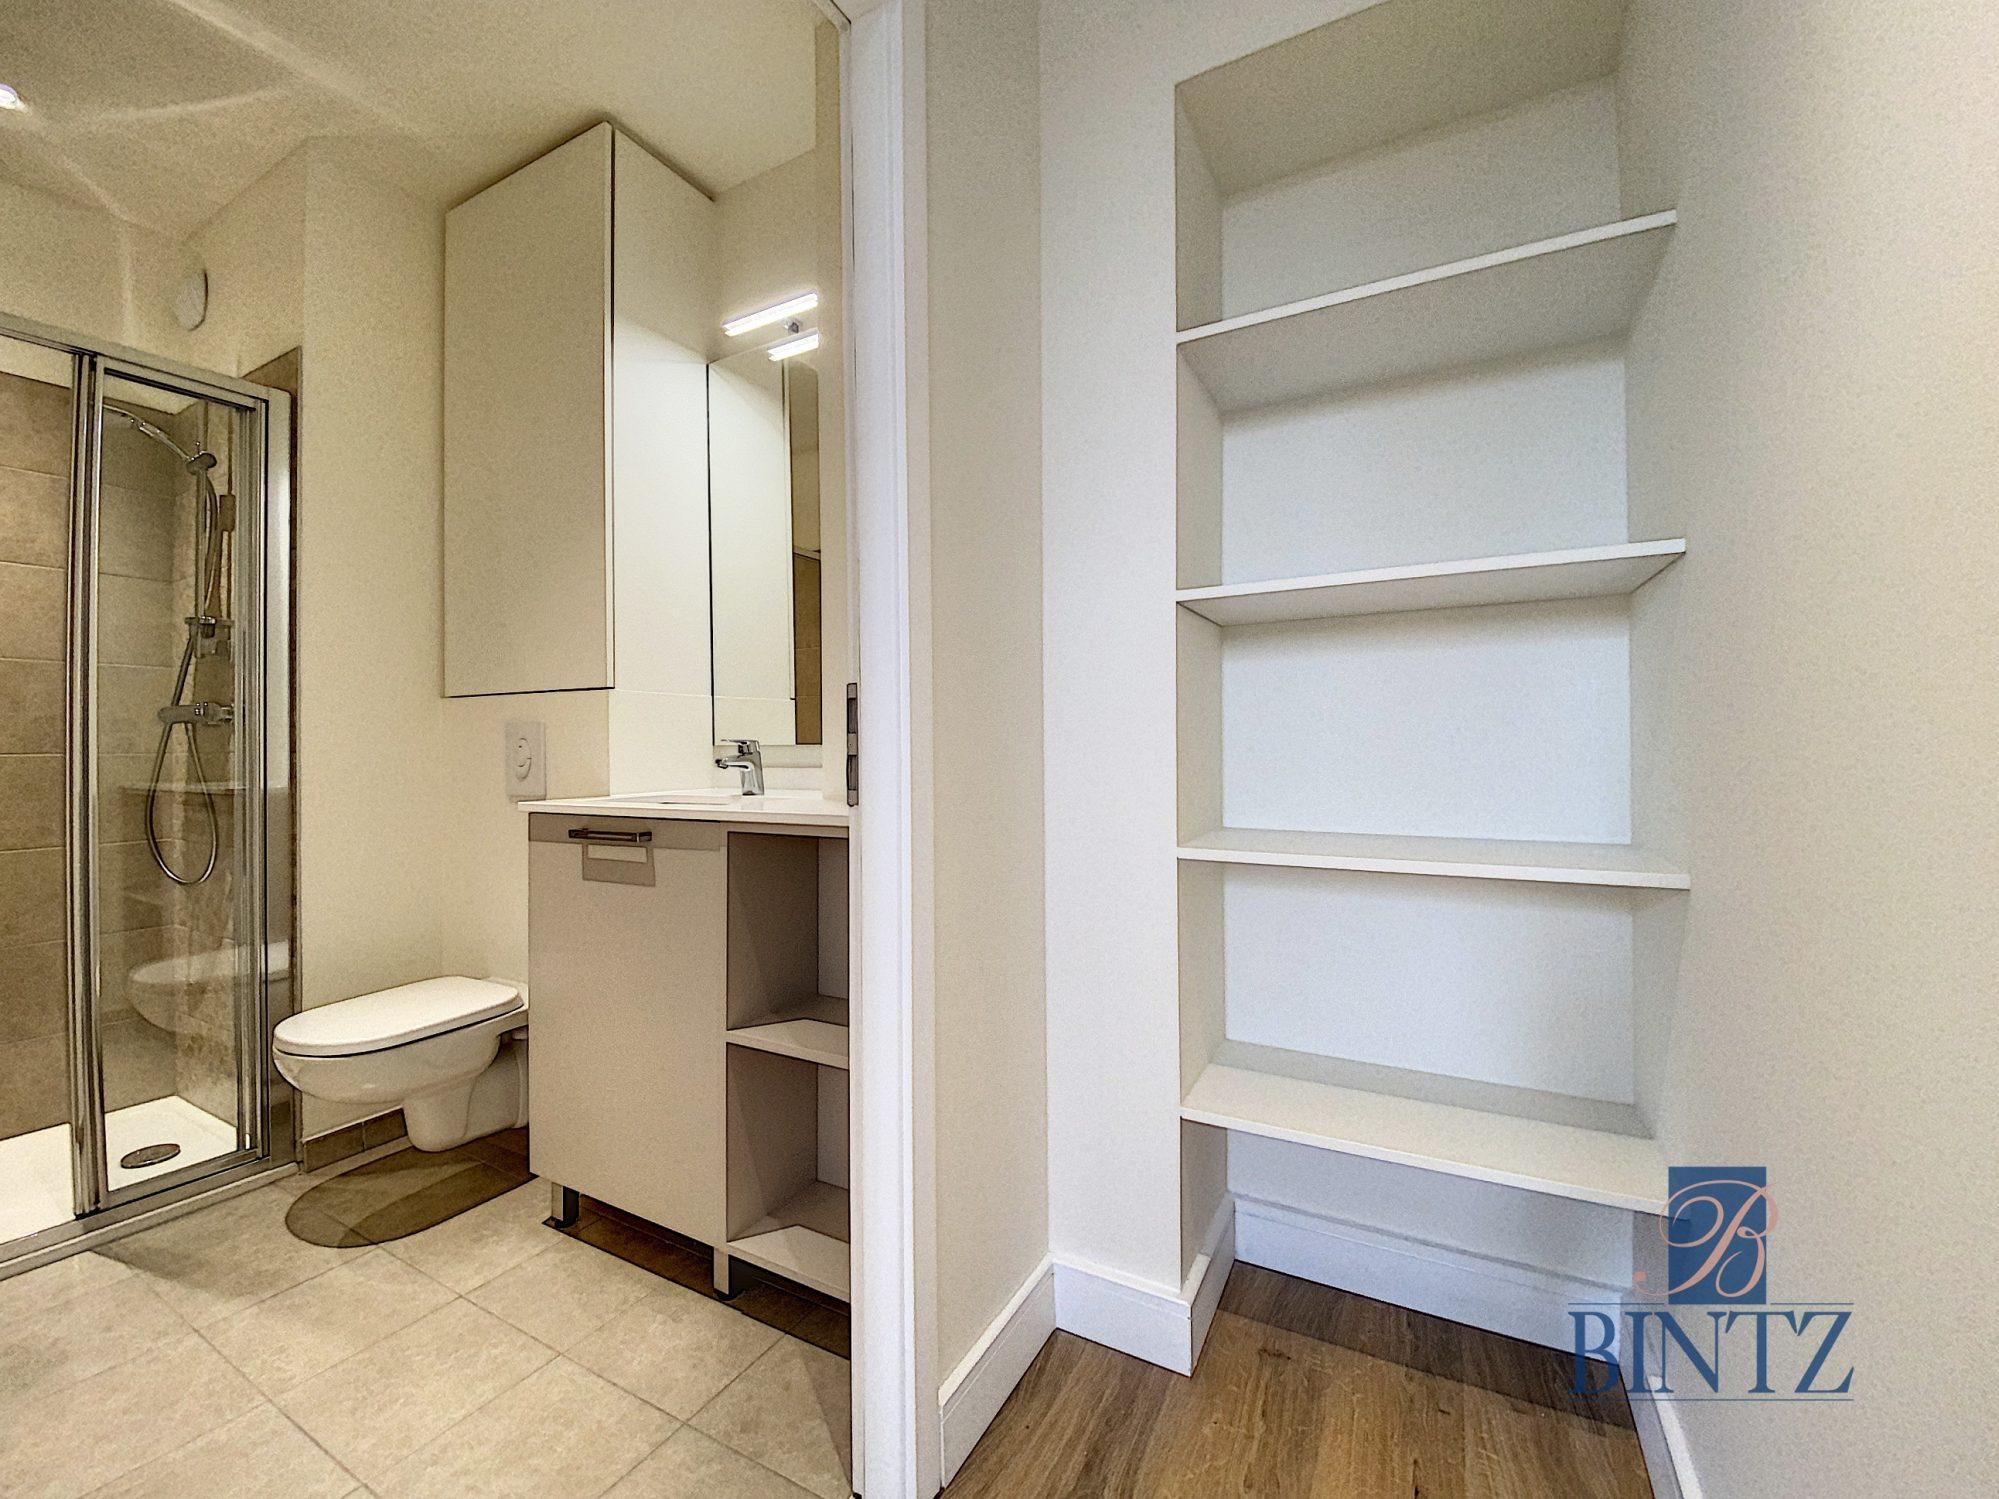 2 Pièces neuf avec balcon - Devenez locataire en toute sérénité - Bintz Immobilier - 12